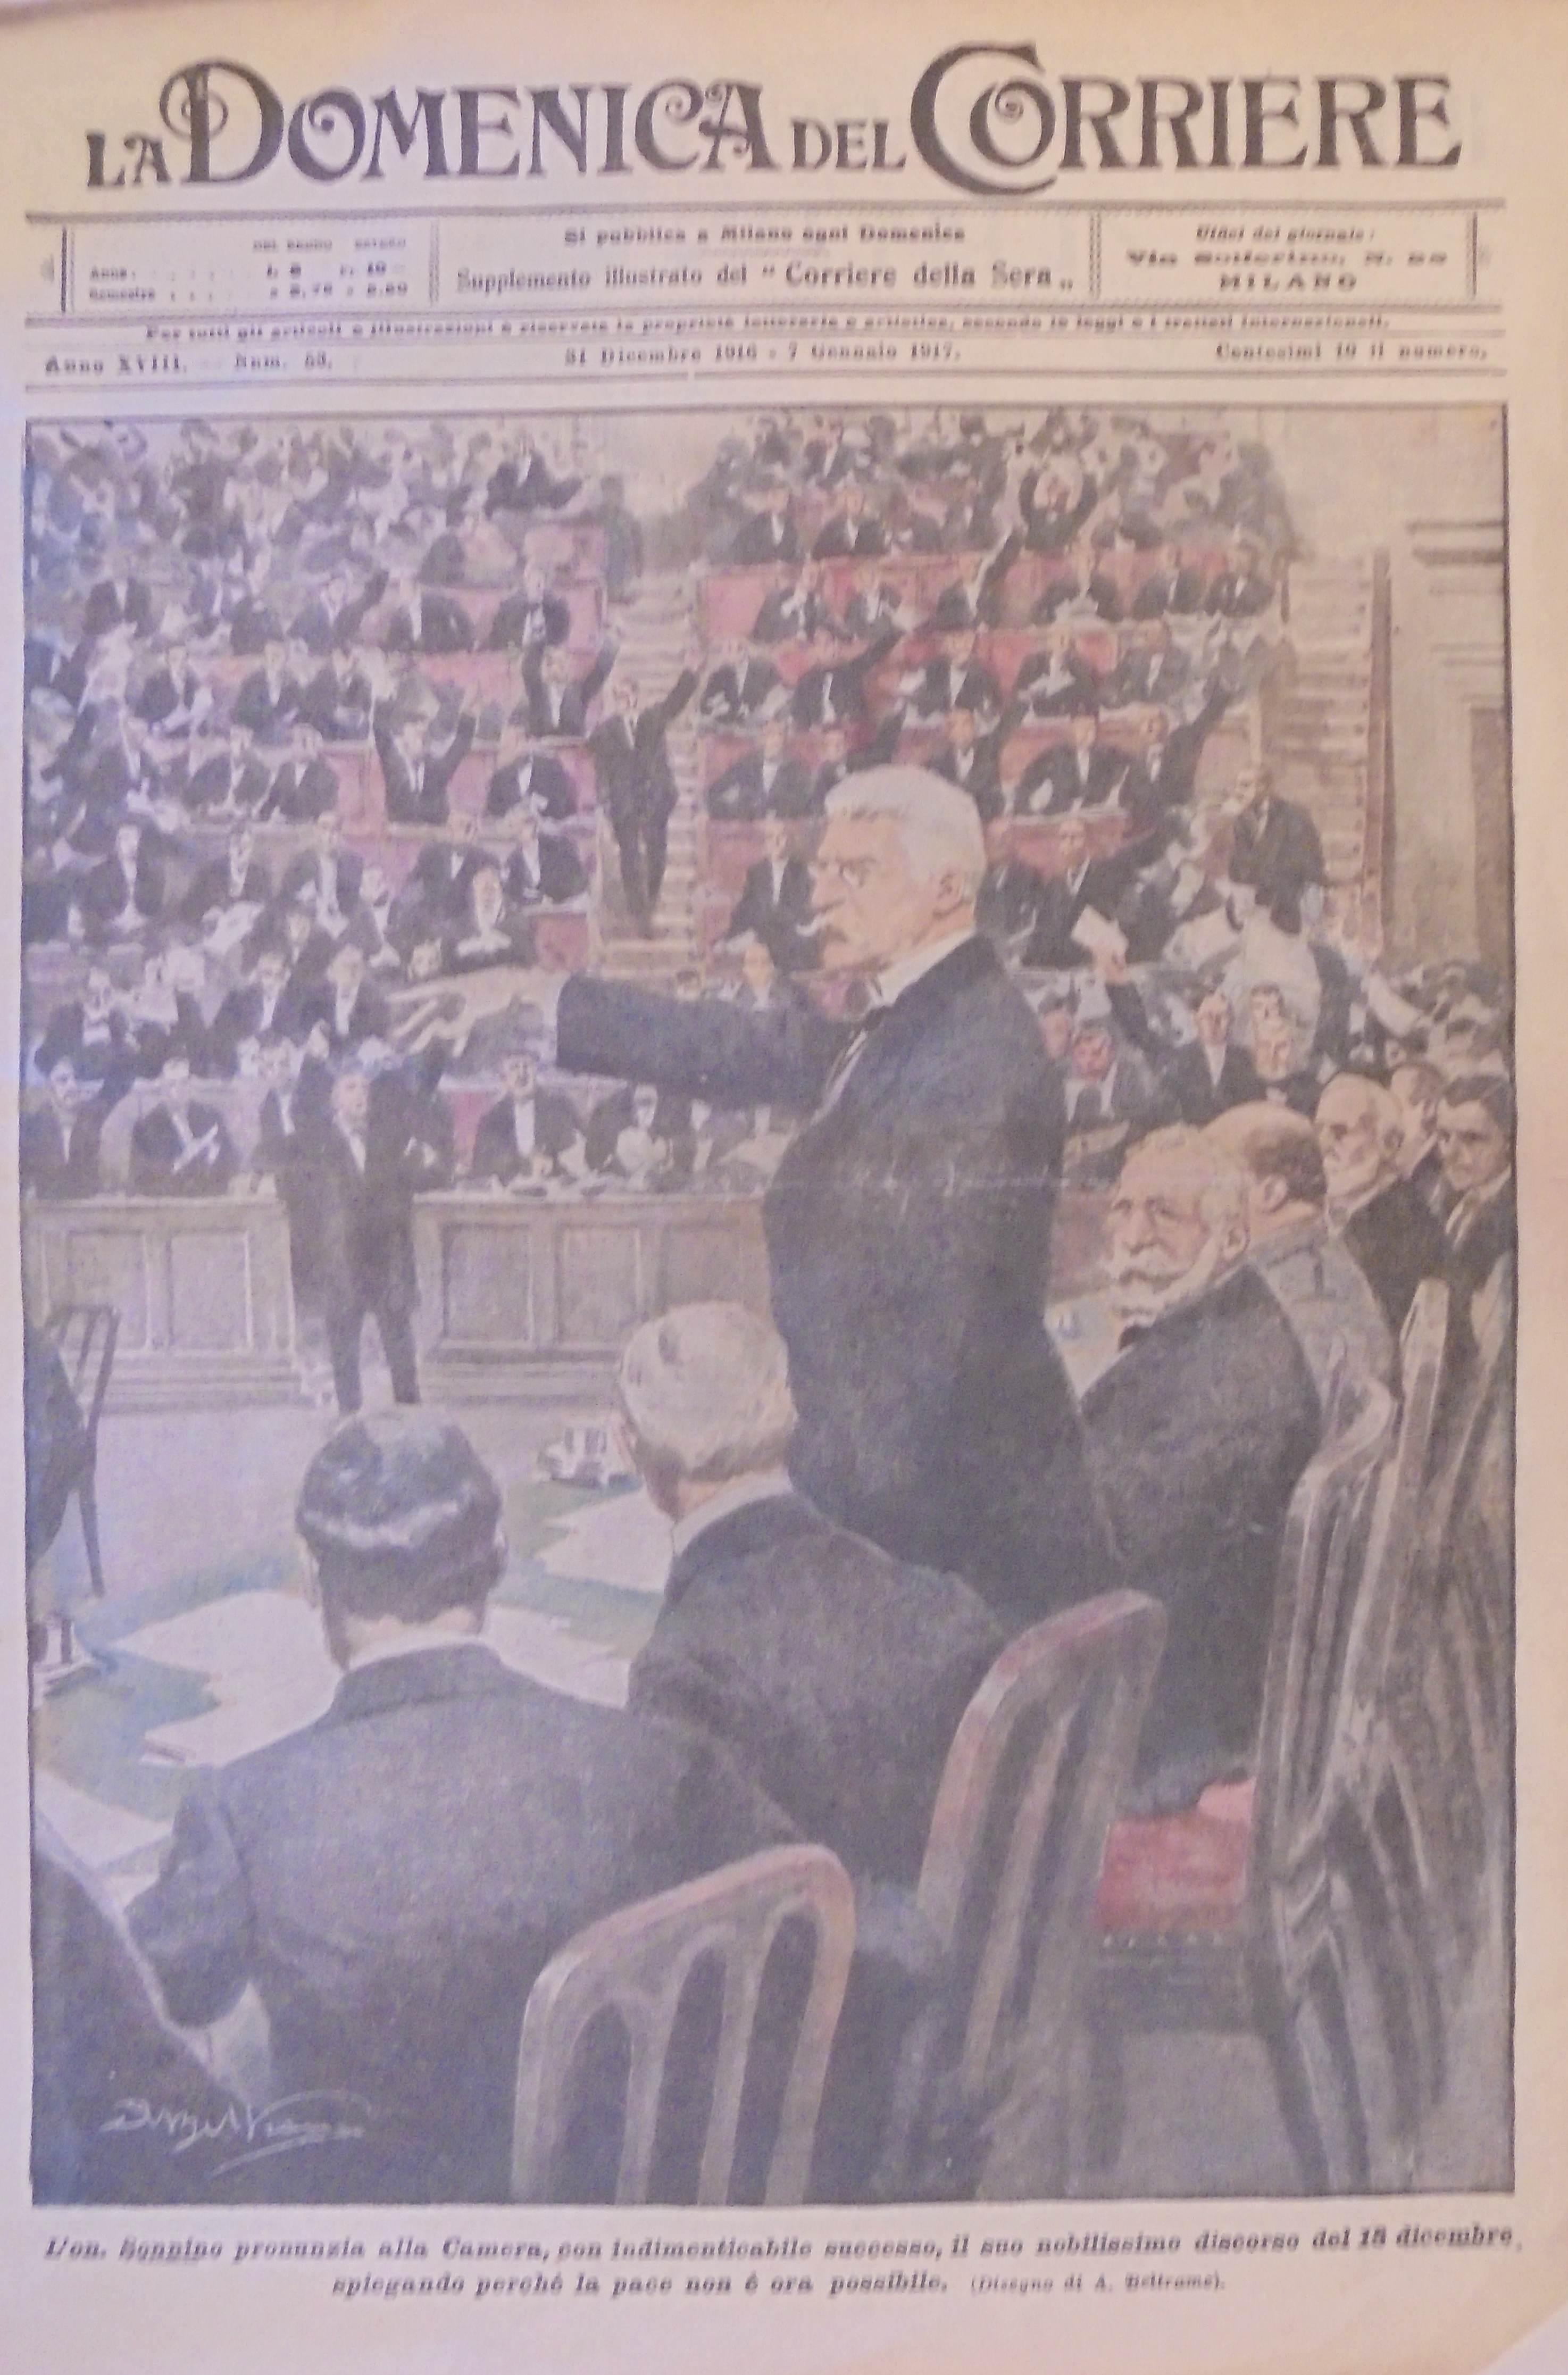 Sonnino alla Camera nella seduta del 18 dicembre 1916 spiega le ragioni dell'inopportunità di una pace separata con Vienna (La Domenica del Corriere)